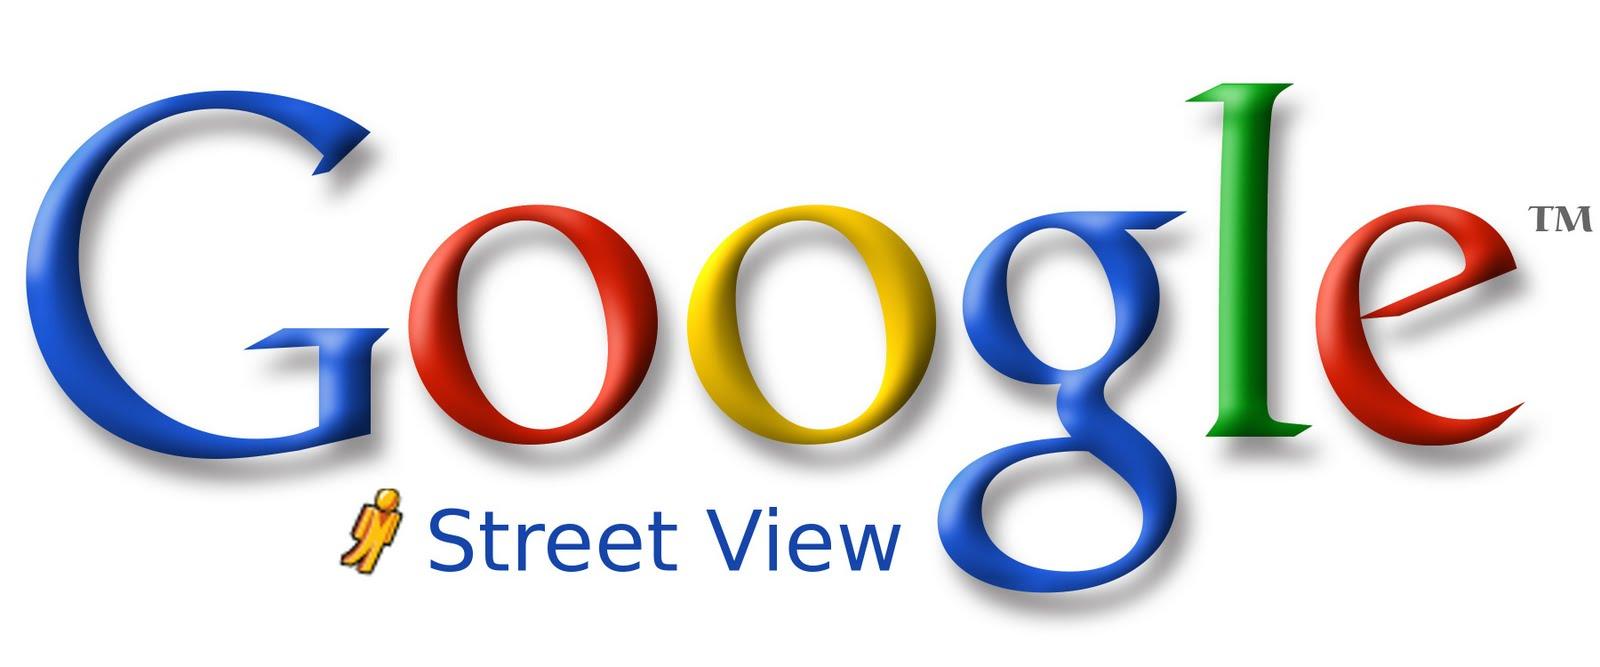 Logo do Google Street View (Foto: Divulgação)